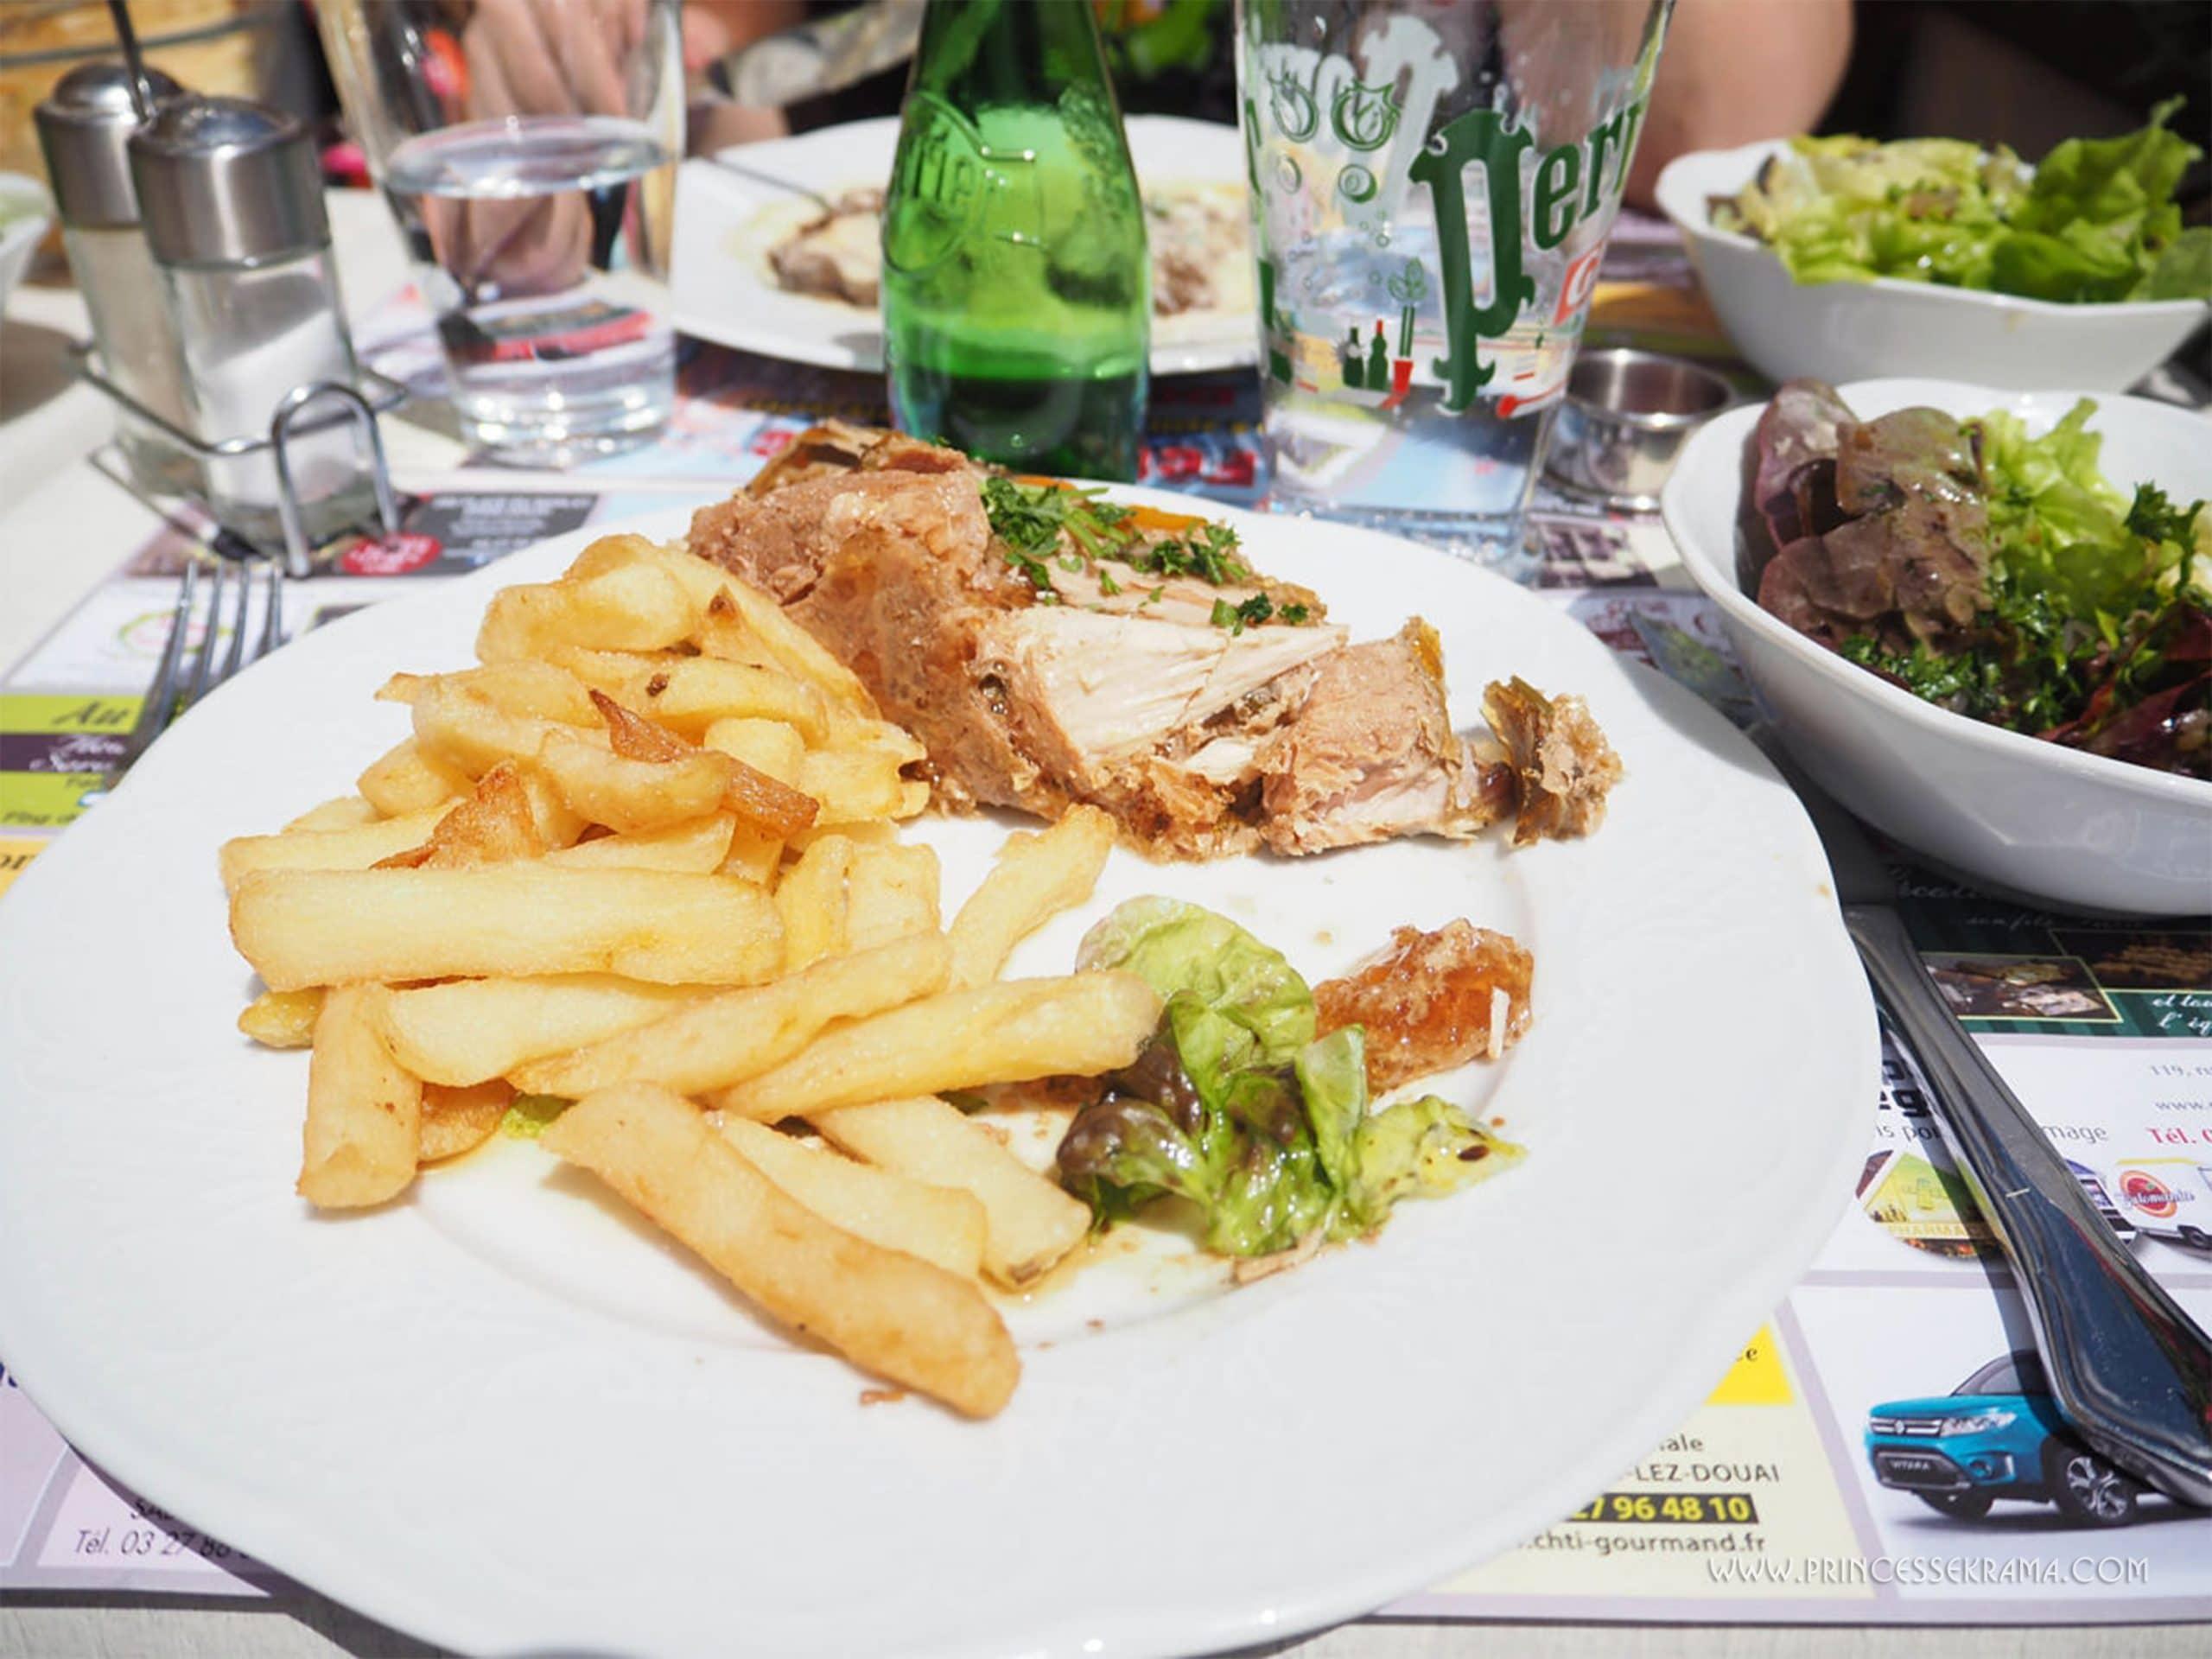 Potjevleesch Au bon vieux temps Douai